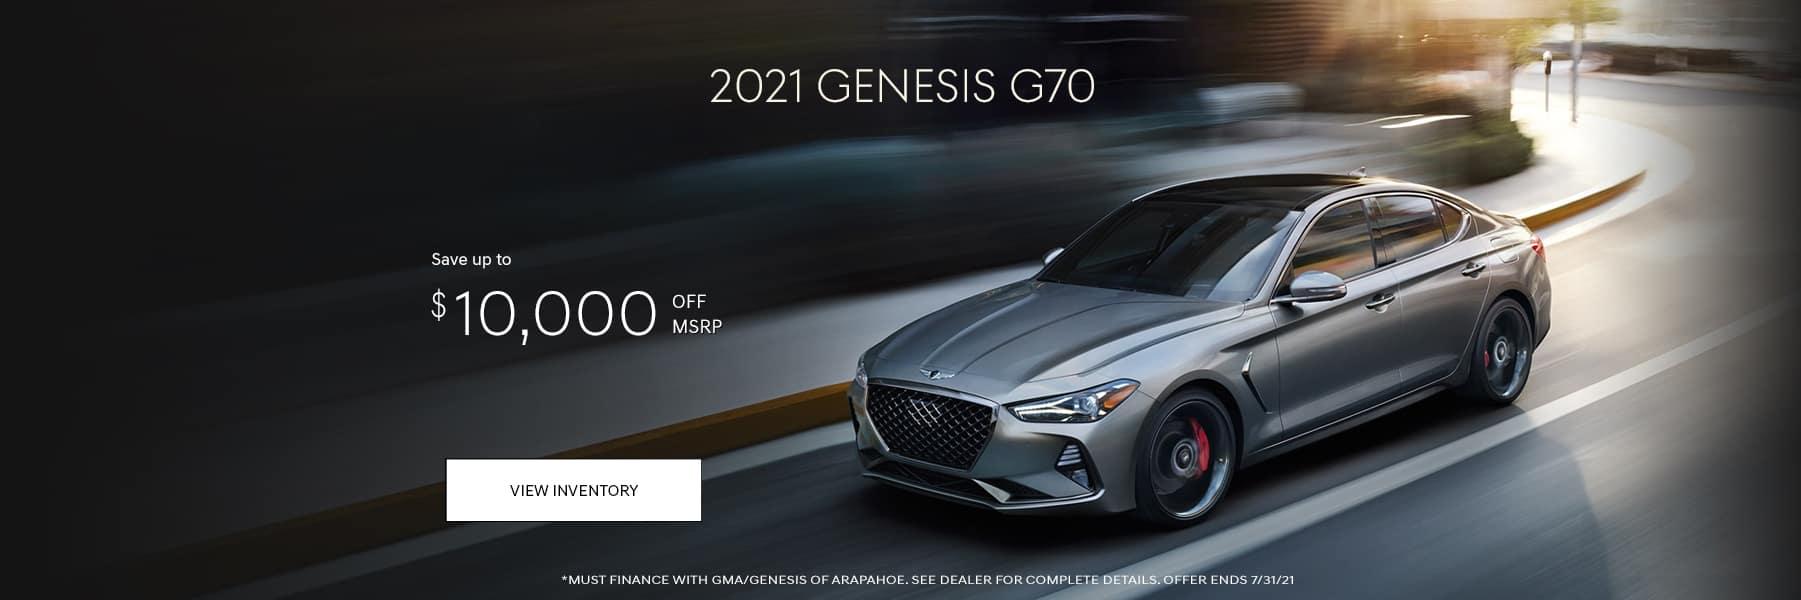 2021-Genesis-G70-Jul21